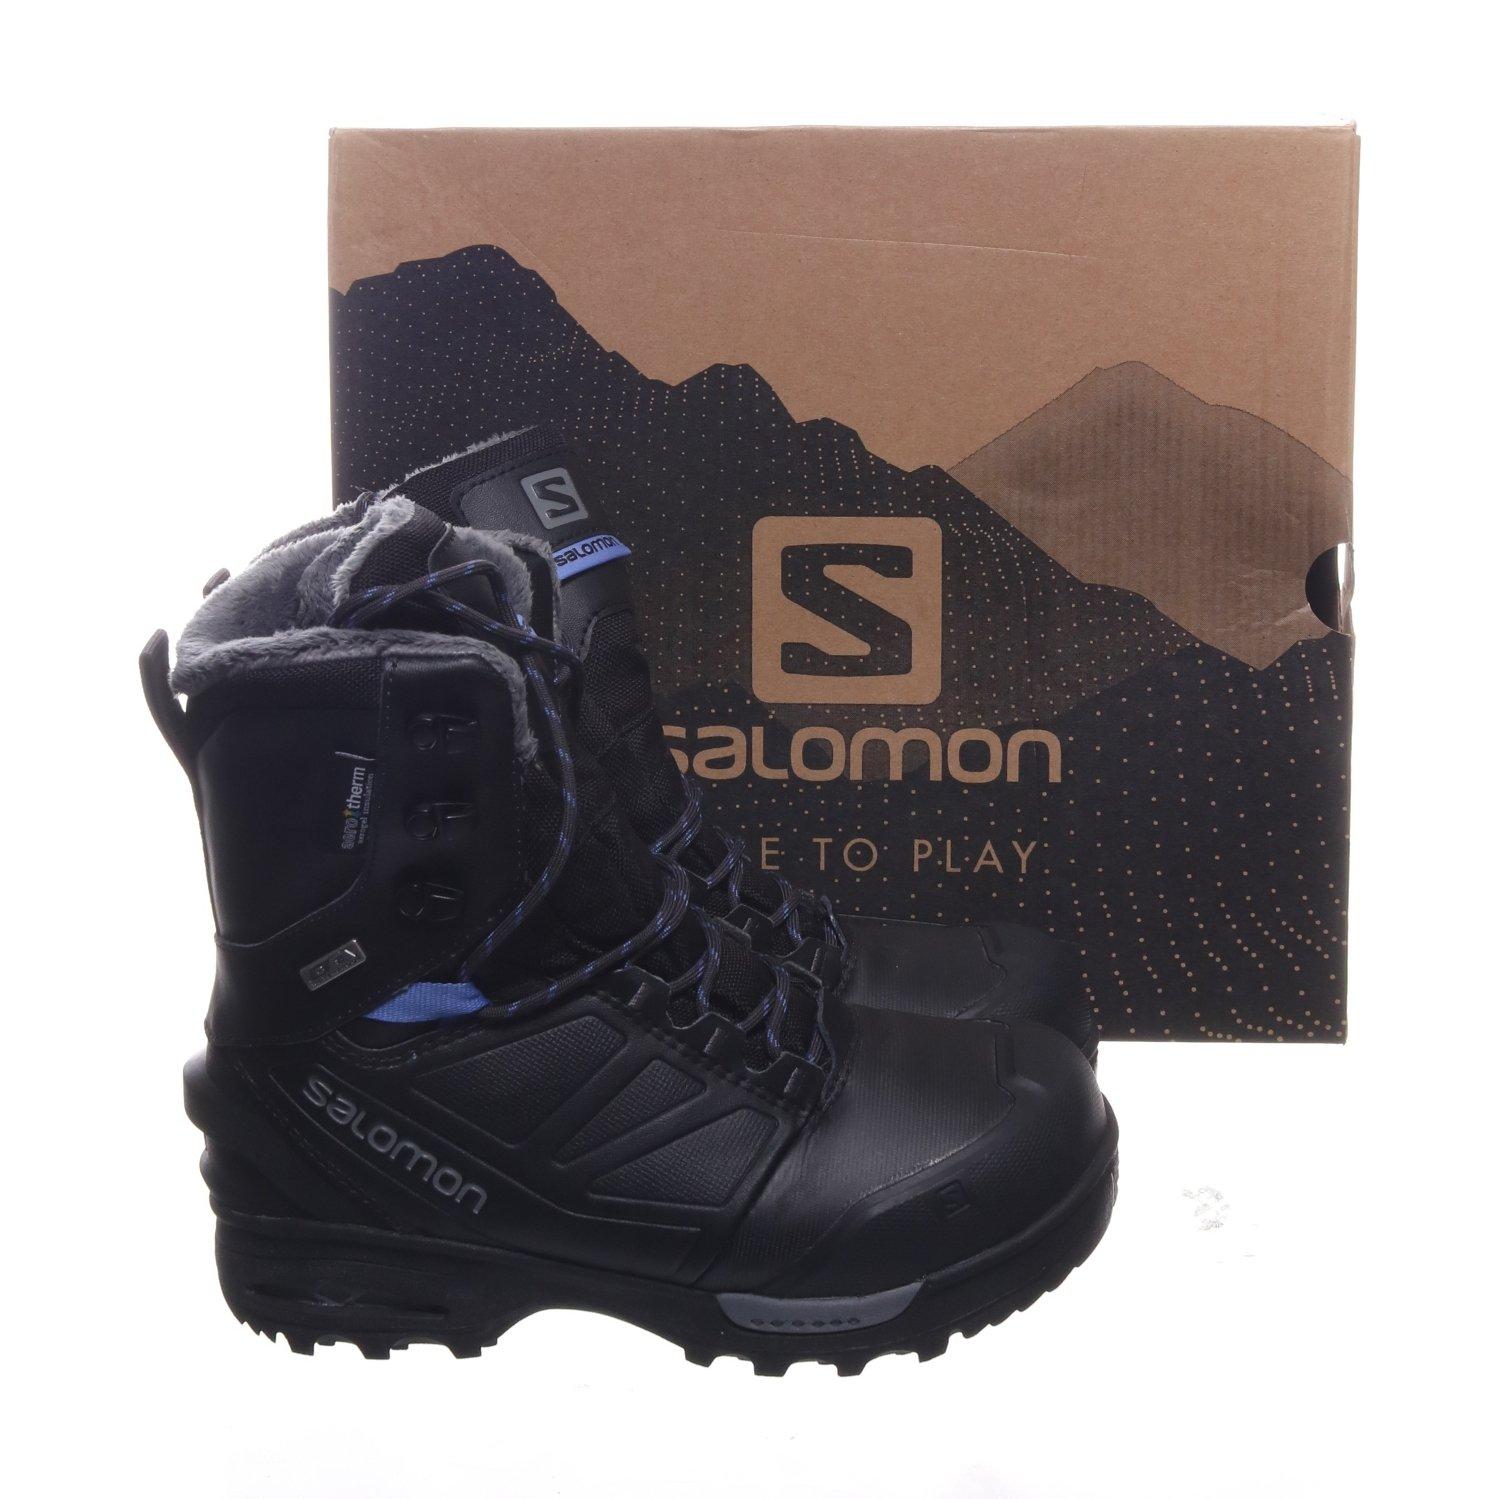 Salomon, Kängor, Strl: 38, Toundra Pro CSWP W, Svart